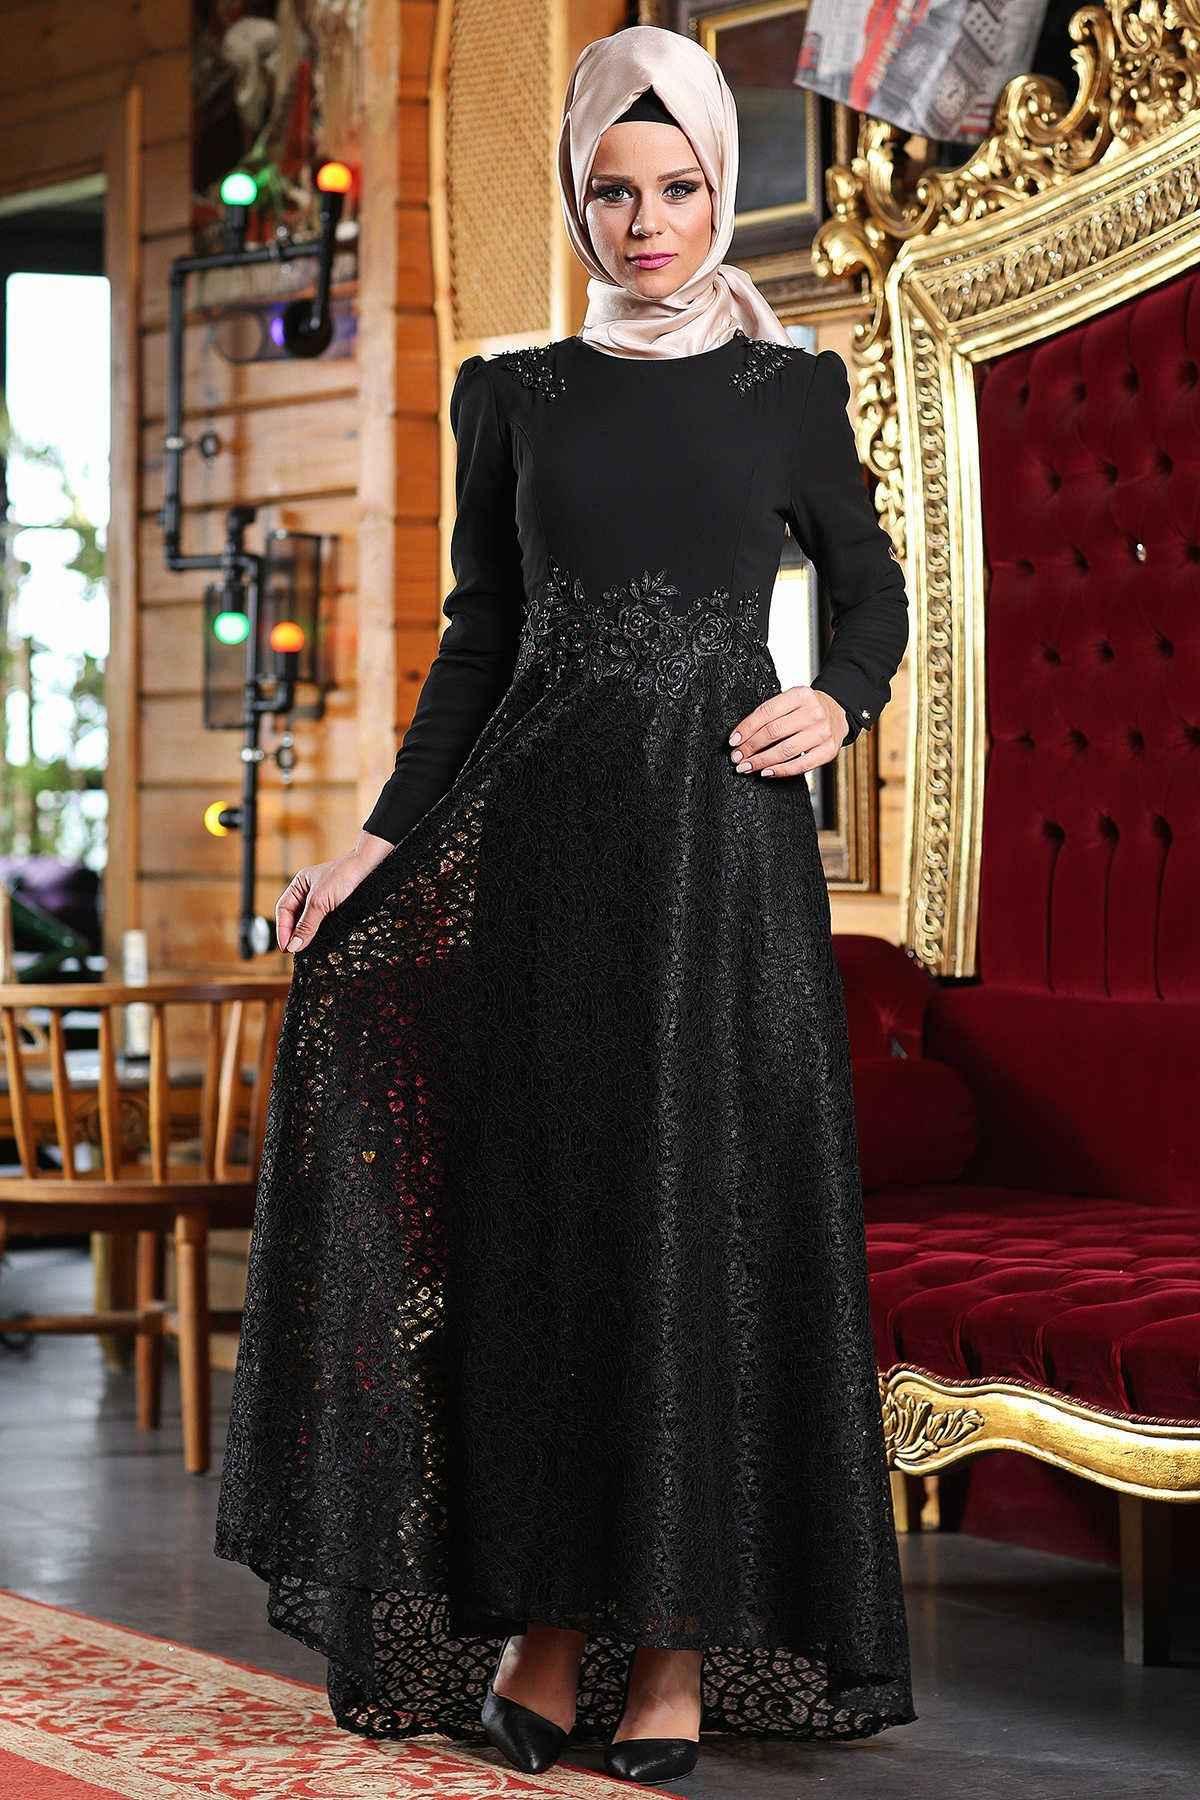 884509880d477 Tesettür Gelin Annesi Elbise Modelleri | Moda Tesettür Giyim